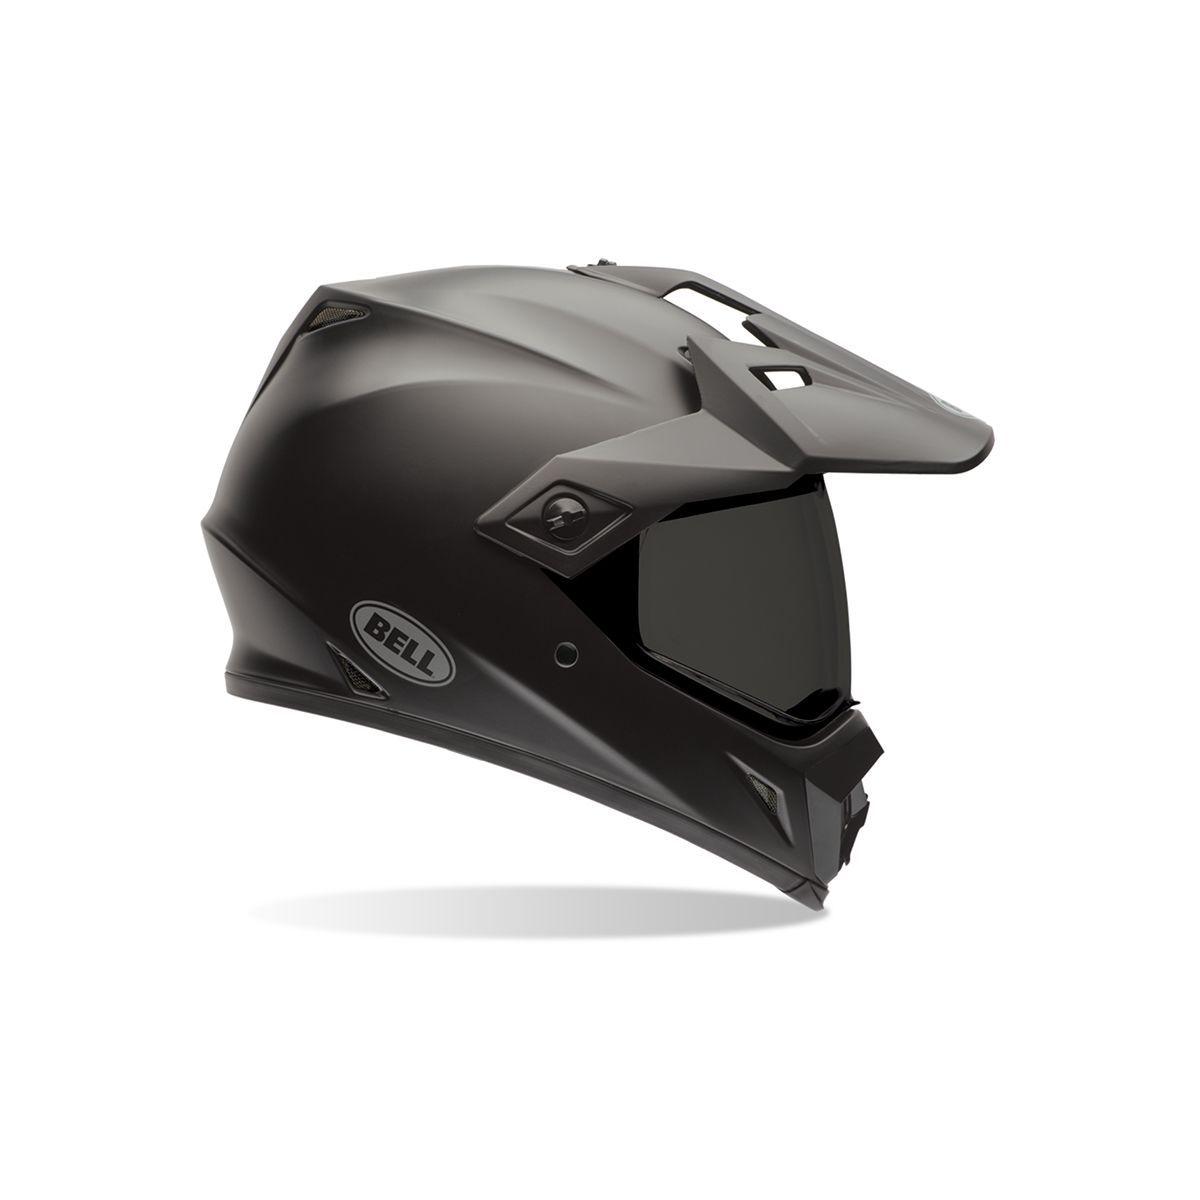 Bell Mx 9 Adventure Mips Helmet Snowmobile Helmets Black